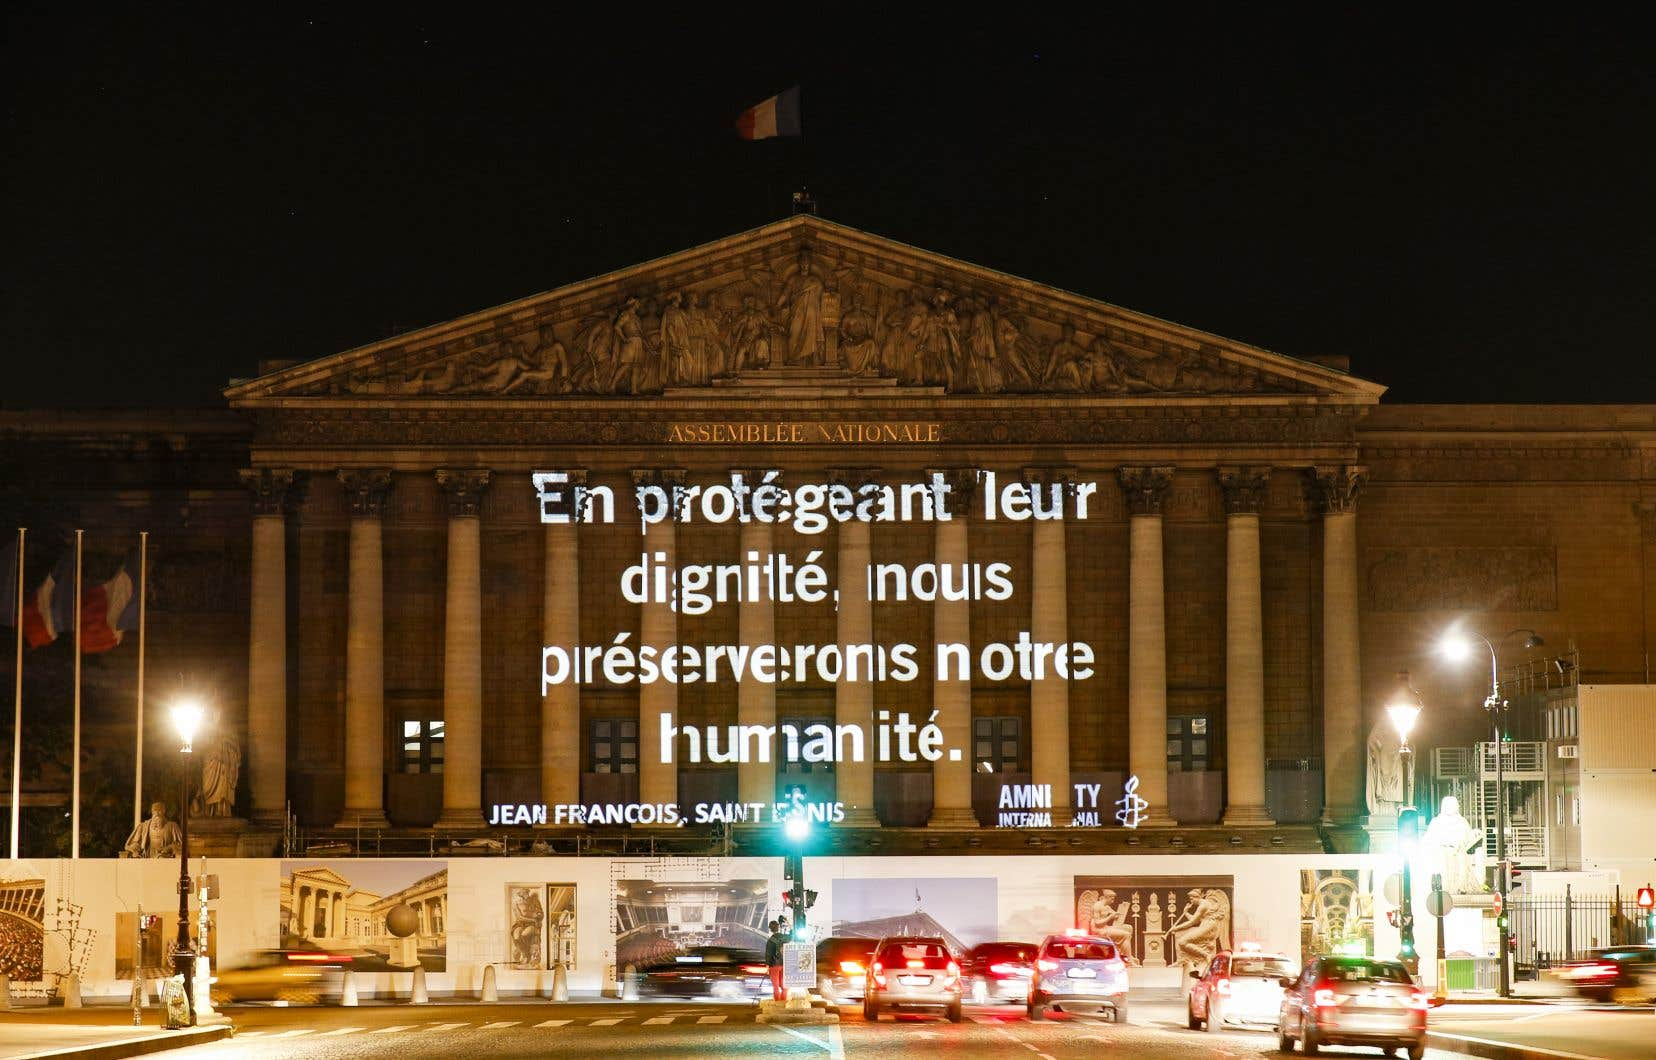 Dans la nuit, Amnesty International a projeté sur la façade de l'Assemblée nationale française des slogans en faveur de l'accueil des migrants.